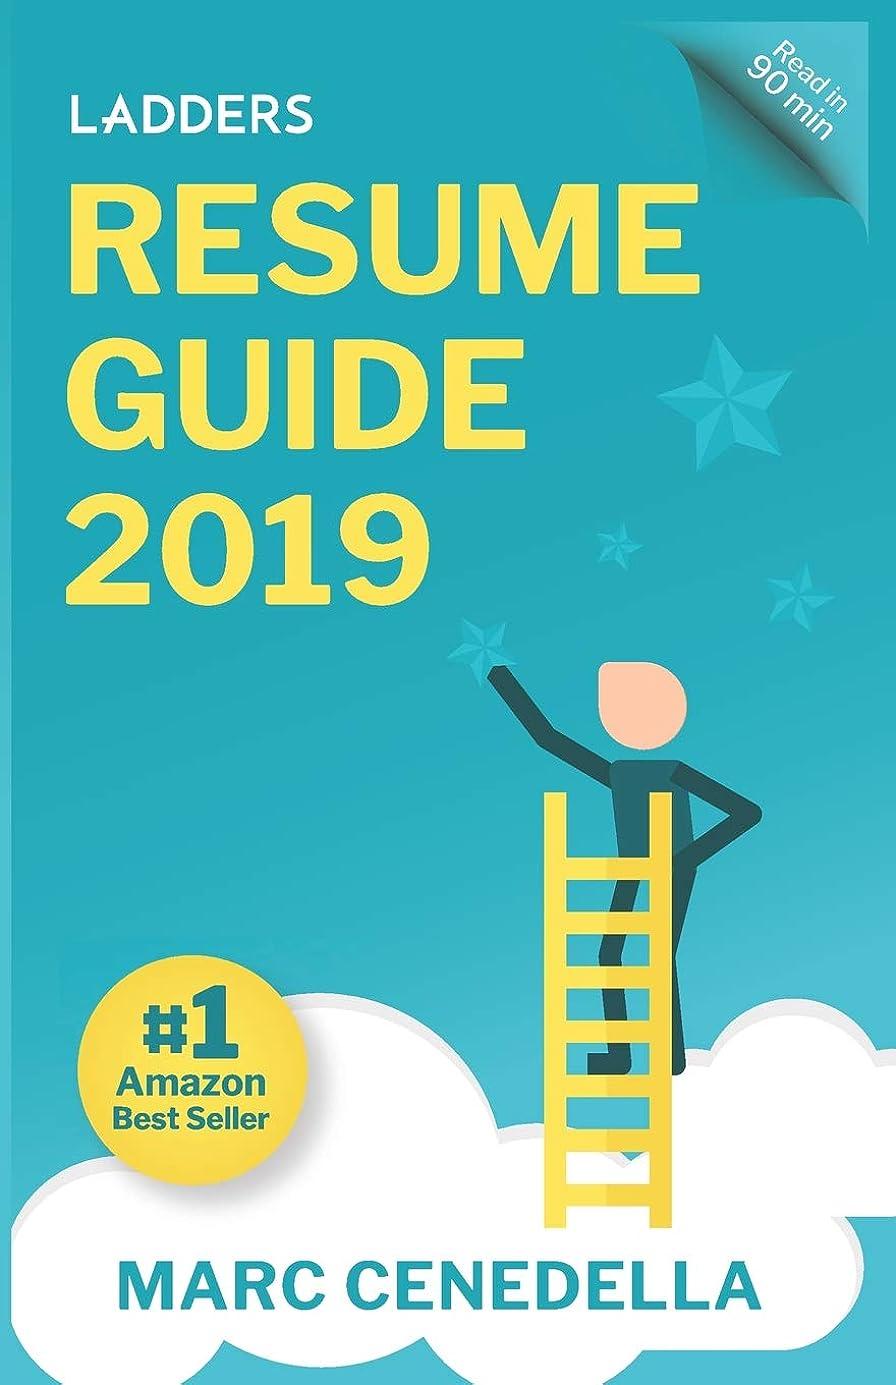 傾向変形見込みLadders 2019 Resume Guide: Best Practices & Advice from the Leaders in $100K - $500K jobs (Ladders 2019 Guide)